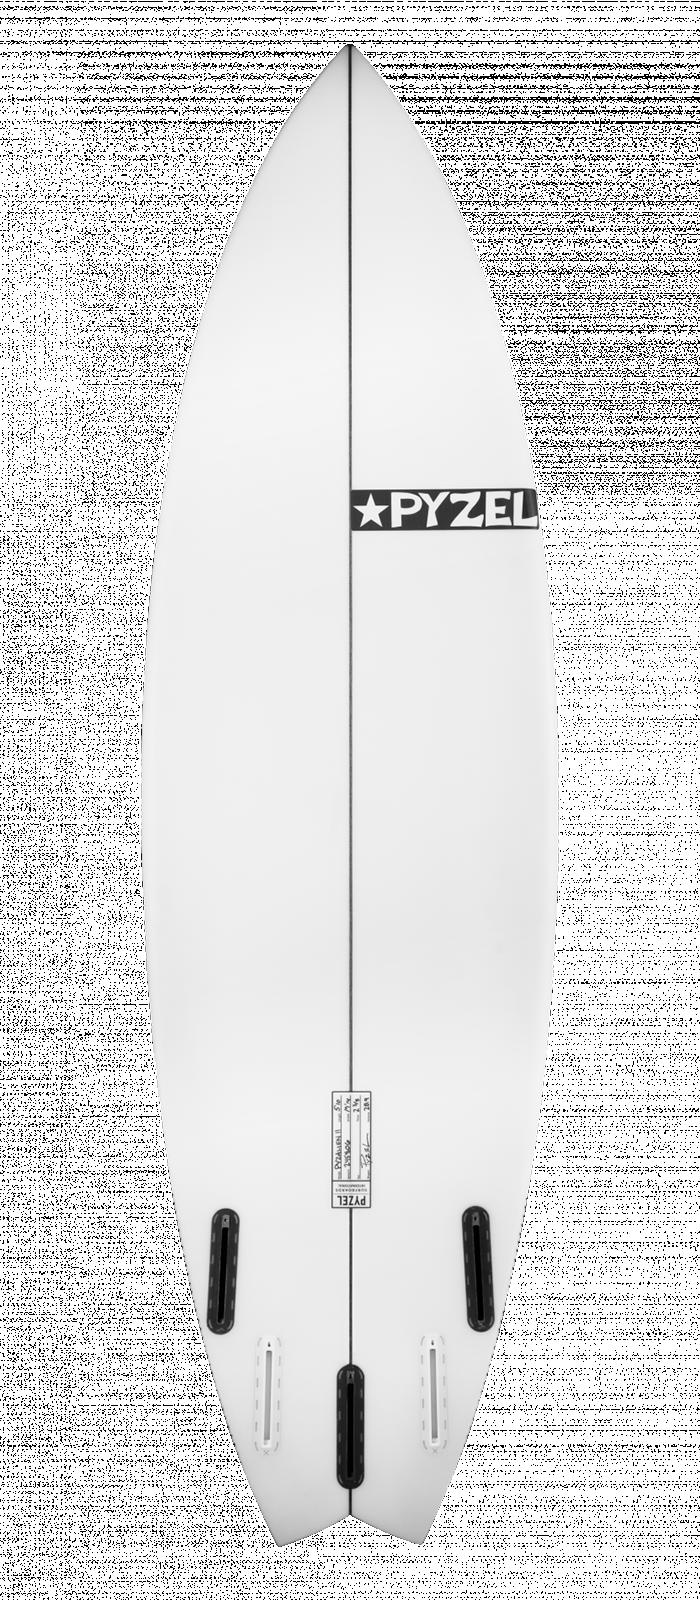 PYZALIEN 2 XL surfboard model bottom